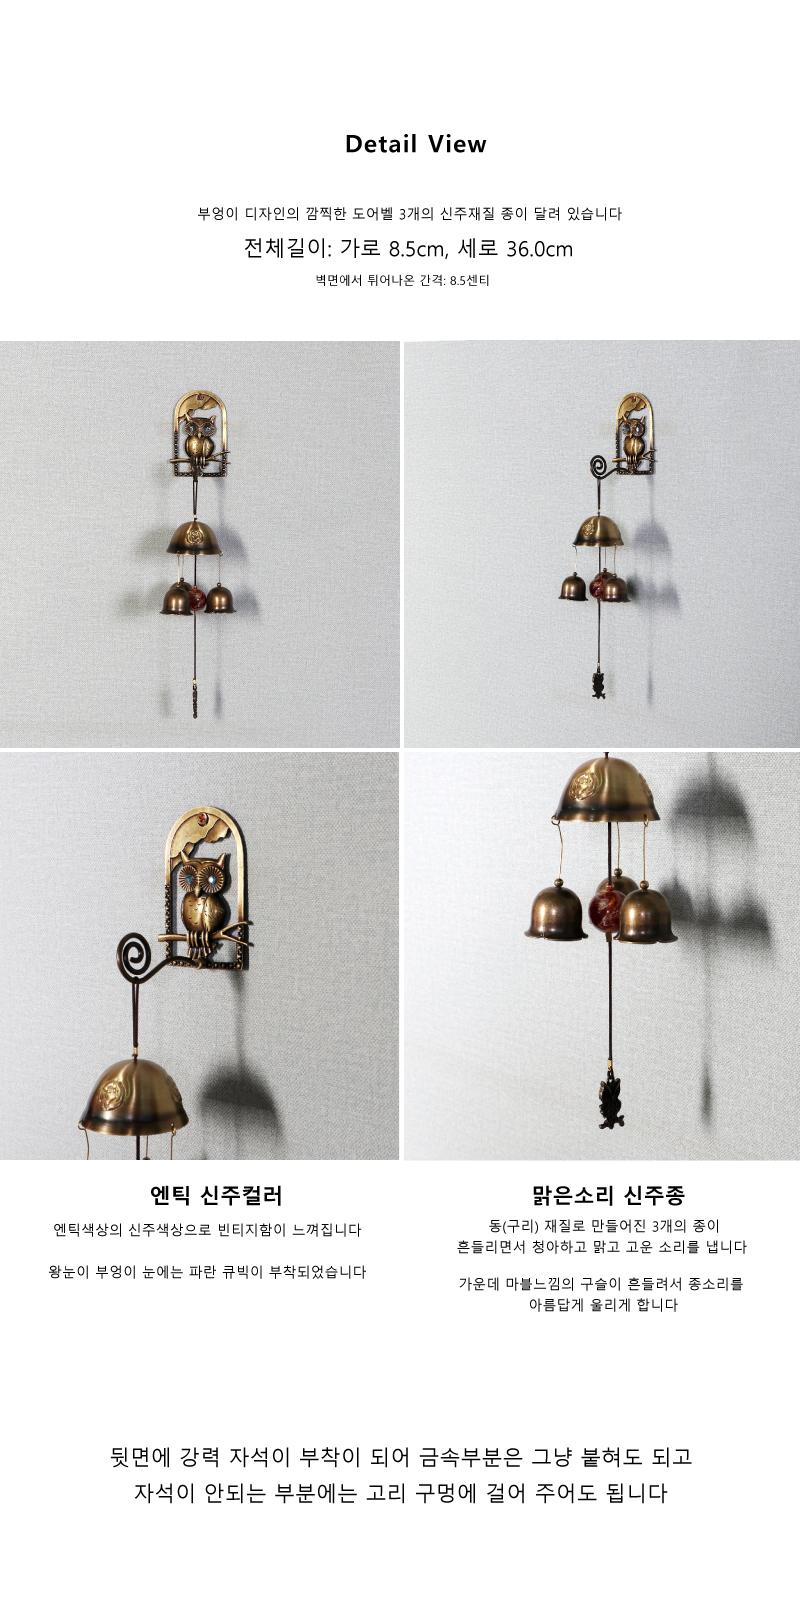 엔틱메탈 왕눈 부엉이 3벨 문종 도어벨 - 크레디스, 14,000원, 장식소품, 도어벨